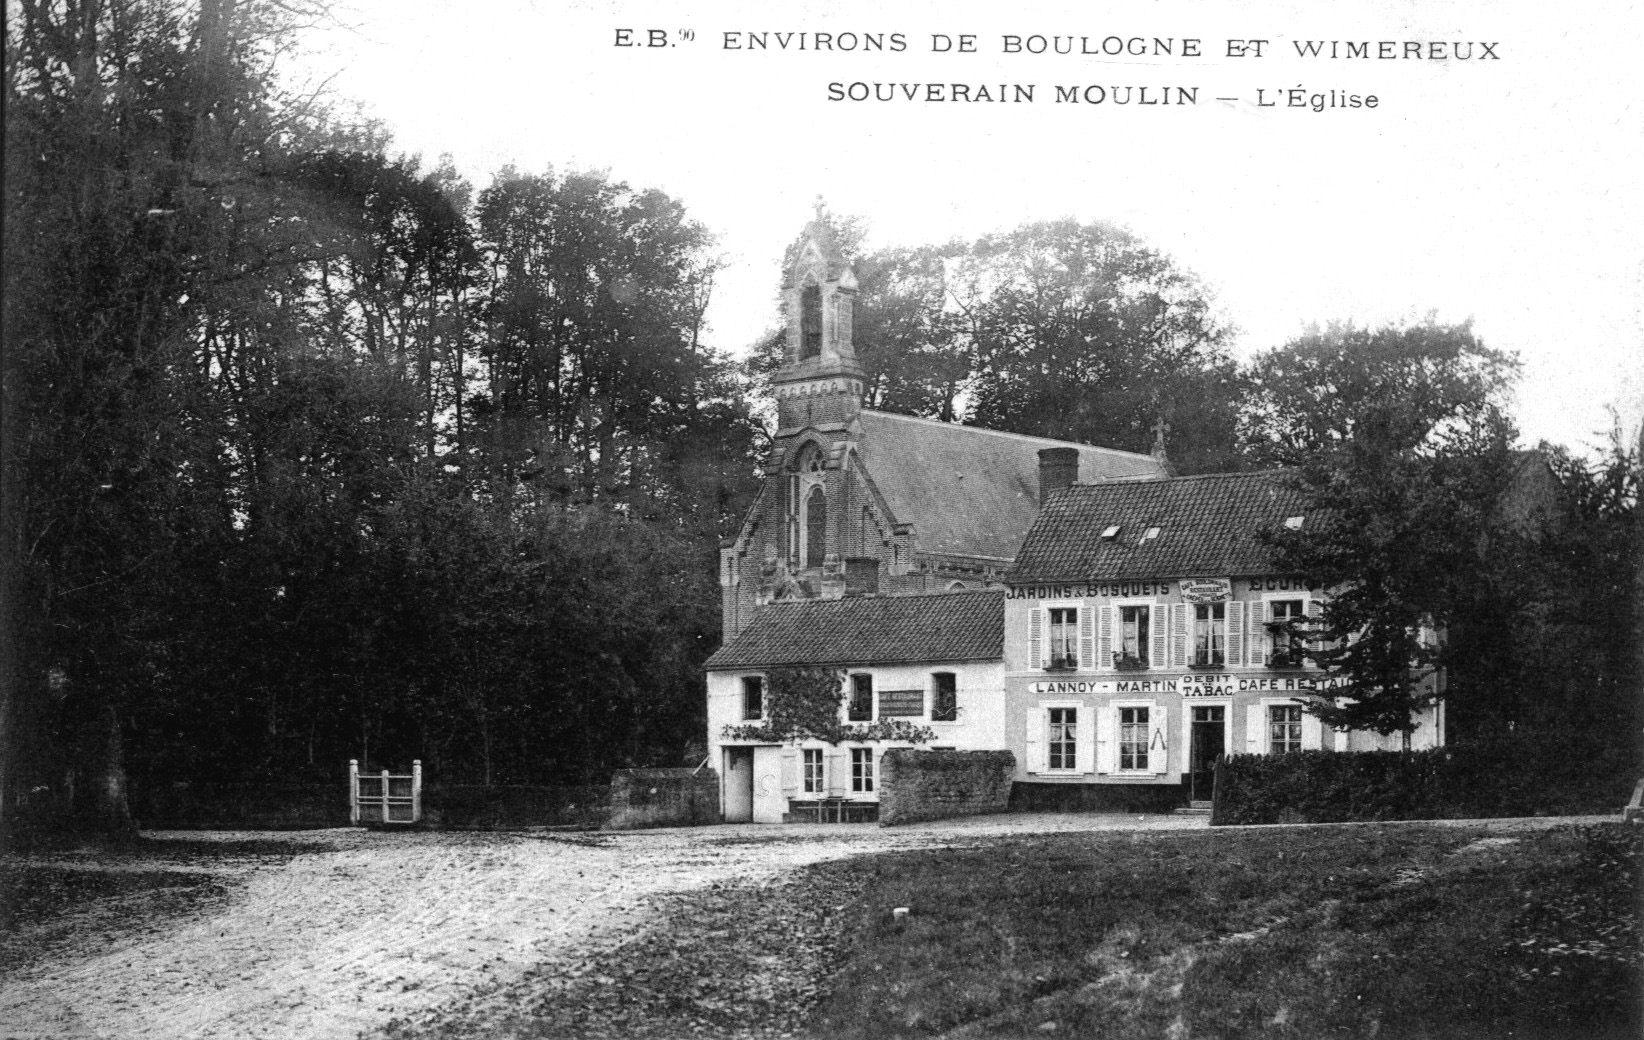 Pittefaux en cartes postales - Le roi du matelas saint martin boulogne ...